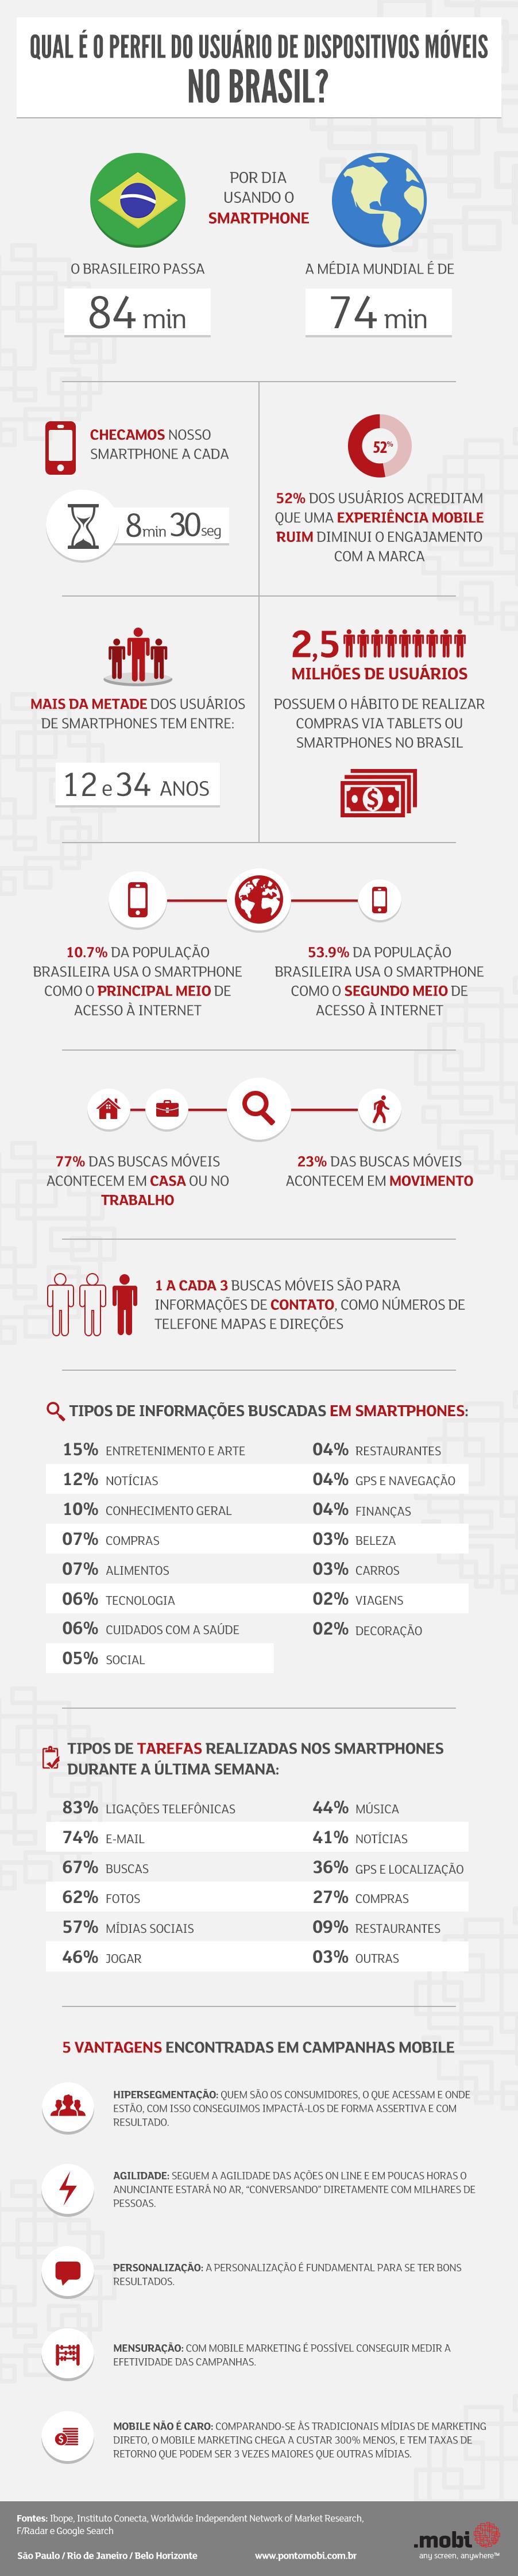 Usuários de dispositivos móveis